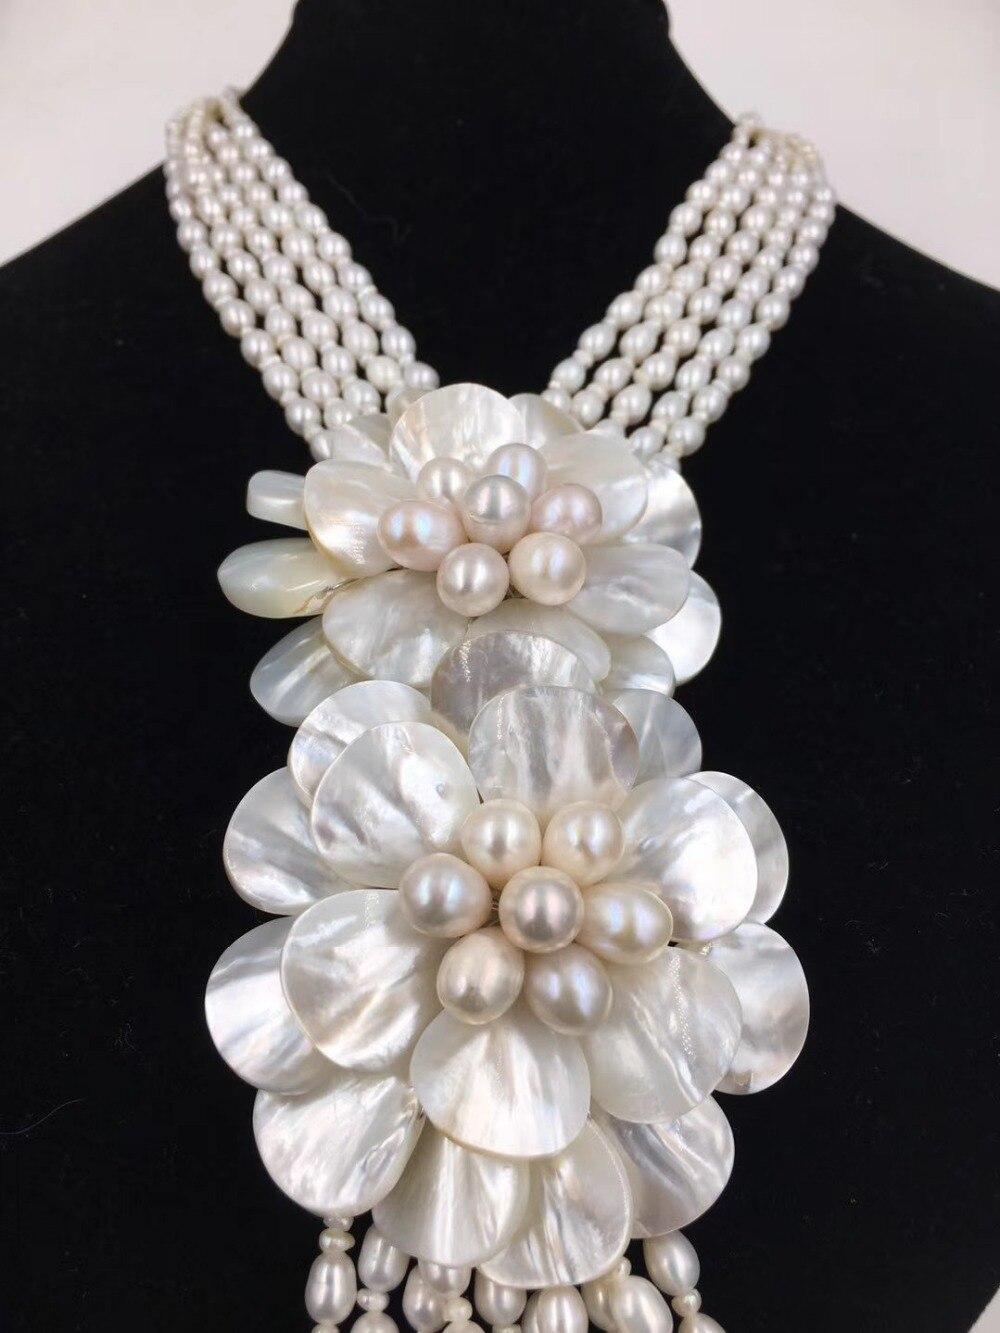 5 рядов пресноводный жемчуг Белый и Shell цветок ожерелье 21 дюйм природа 60 мм подарок барокко бисер оптом fppj